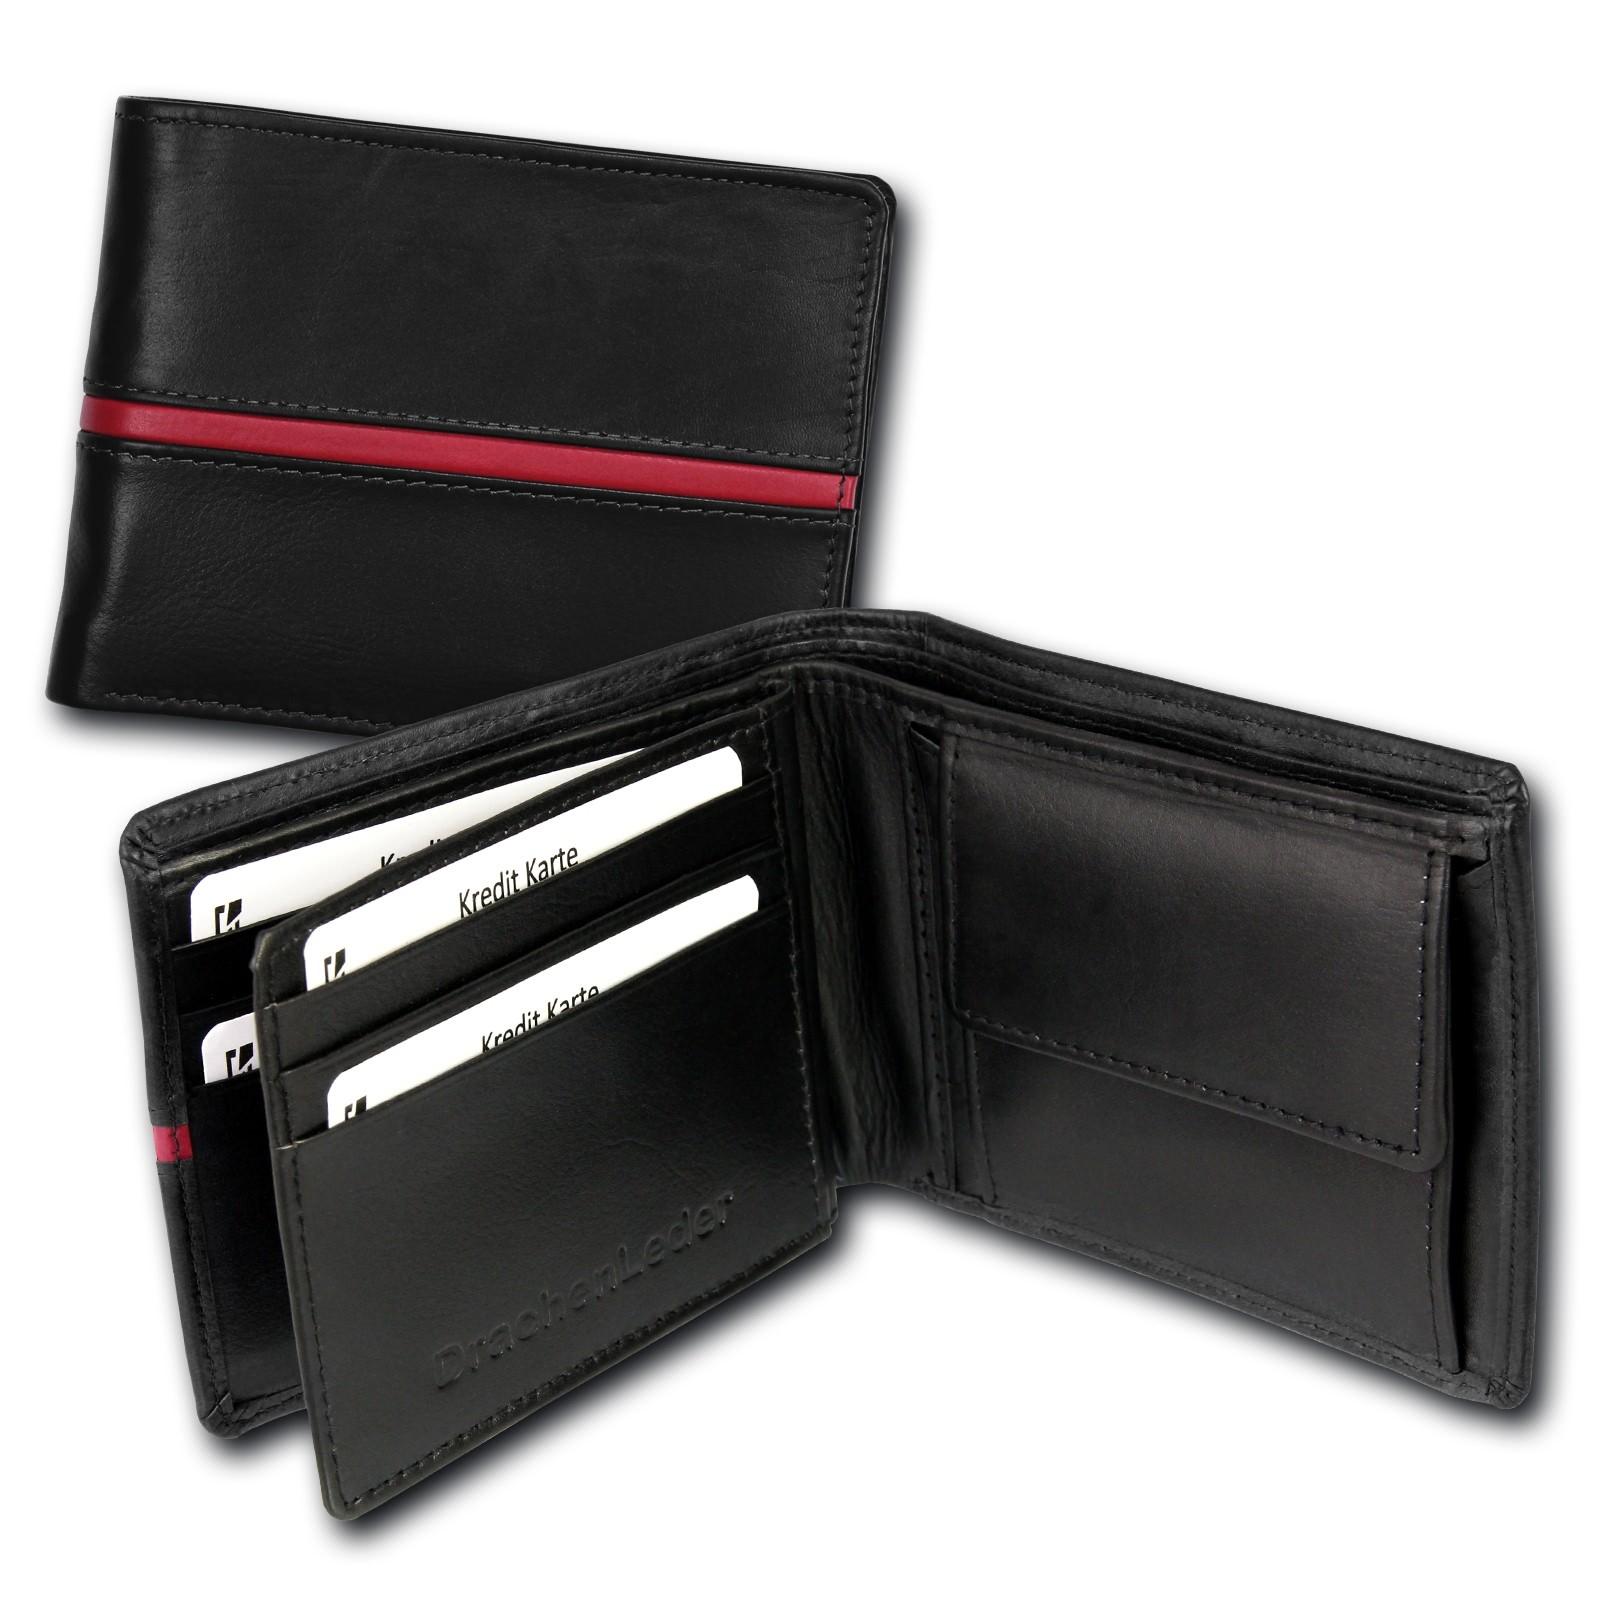 Portemonnaie Querformat Leder schwarz Geldbörse Brieftasche DrachenLeder OPS105S